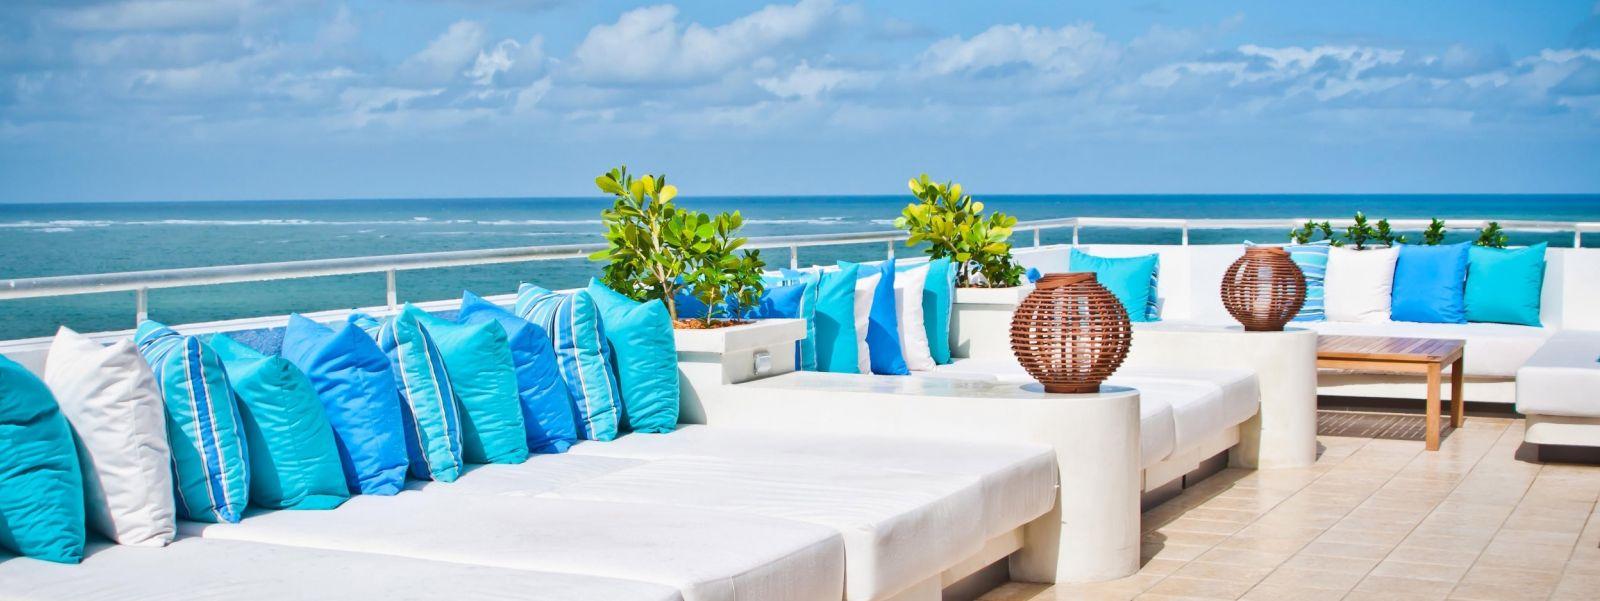 Carolina Puerto Rico Beaches